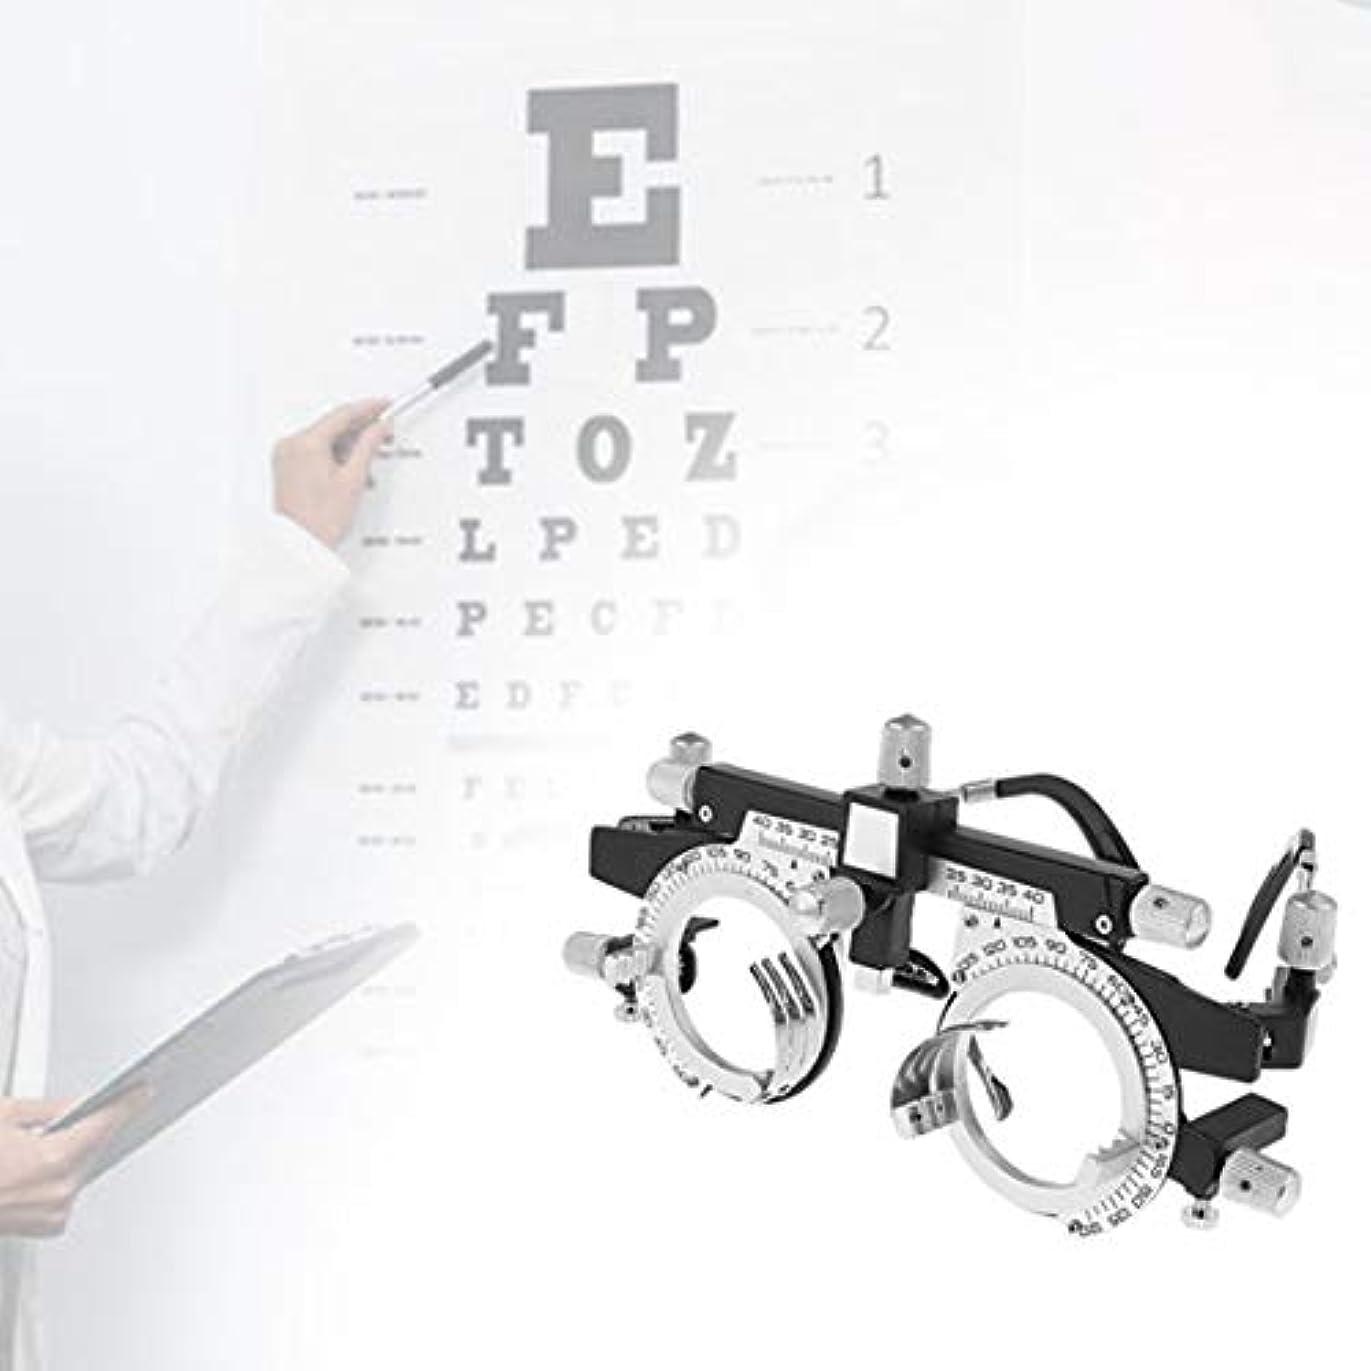 はさみ実行する熱狂的な調整可能なプロフェッショナルアイウェア検眼メタルフレームオプティカルオプティクストライアルレンズメタルフレームPDメガネアクセサリー(シルバー&ブラック)